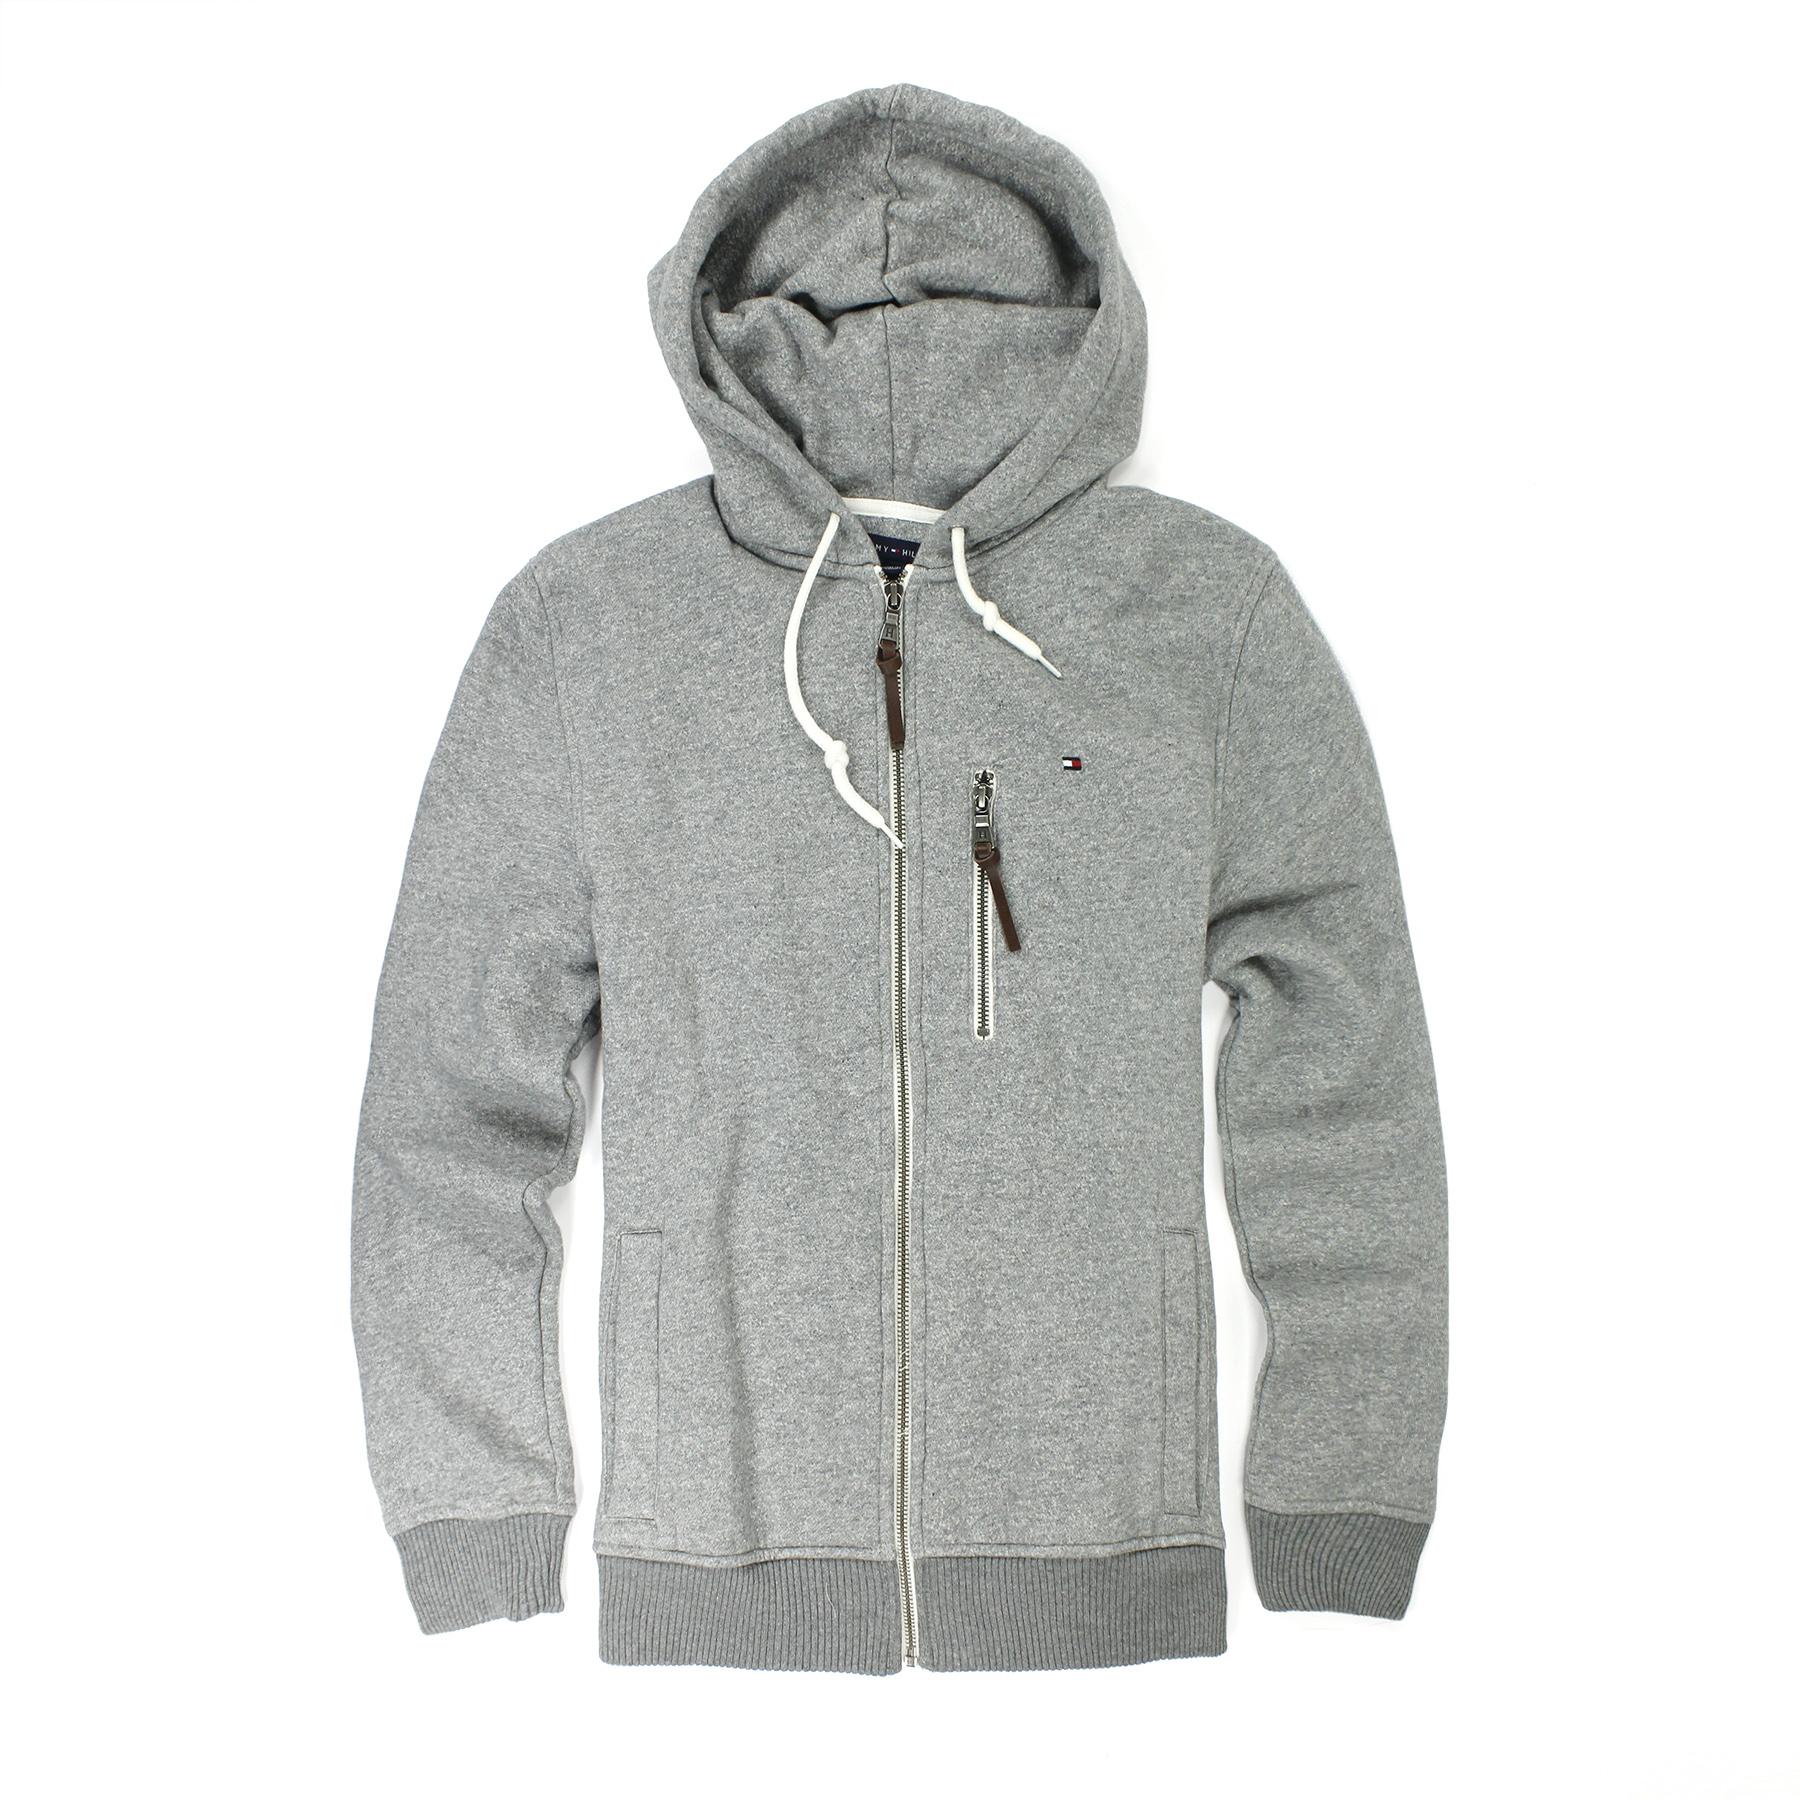 美國百分百【全新真品】Tommy Hilfiger 外套 TH 男 灰色 夾克 連帽 帽T 經典 S M L E354